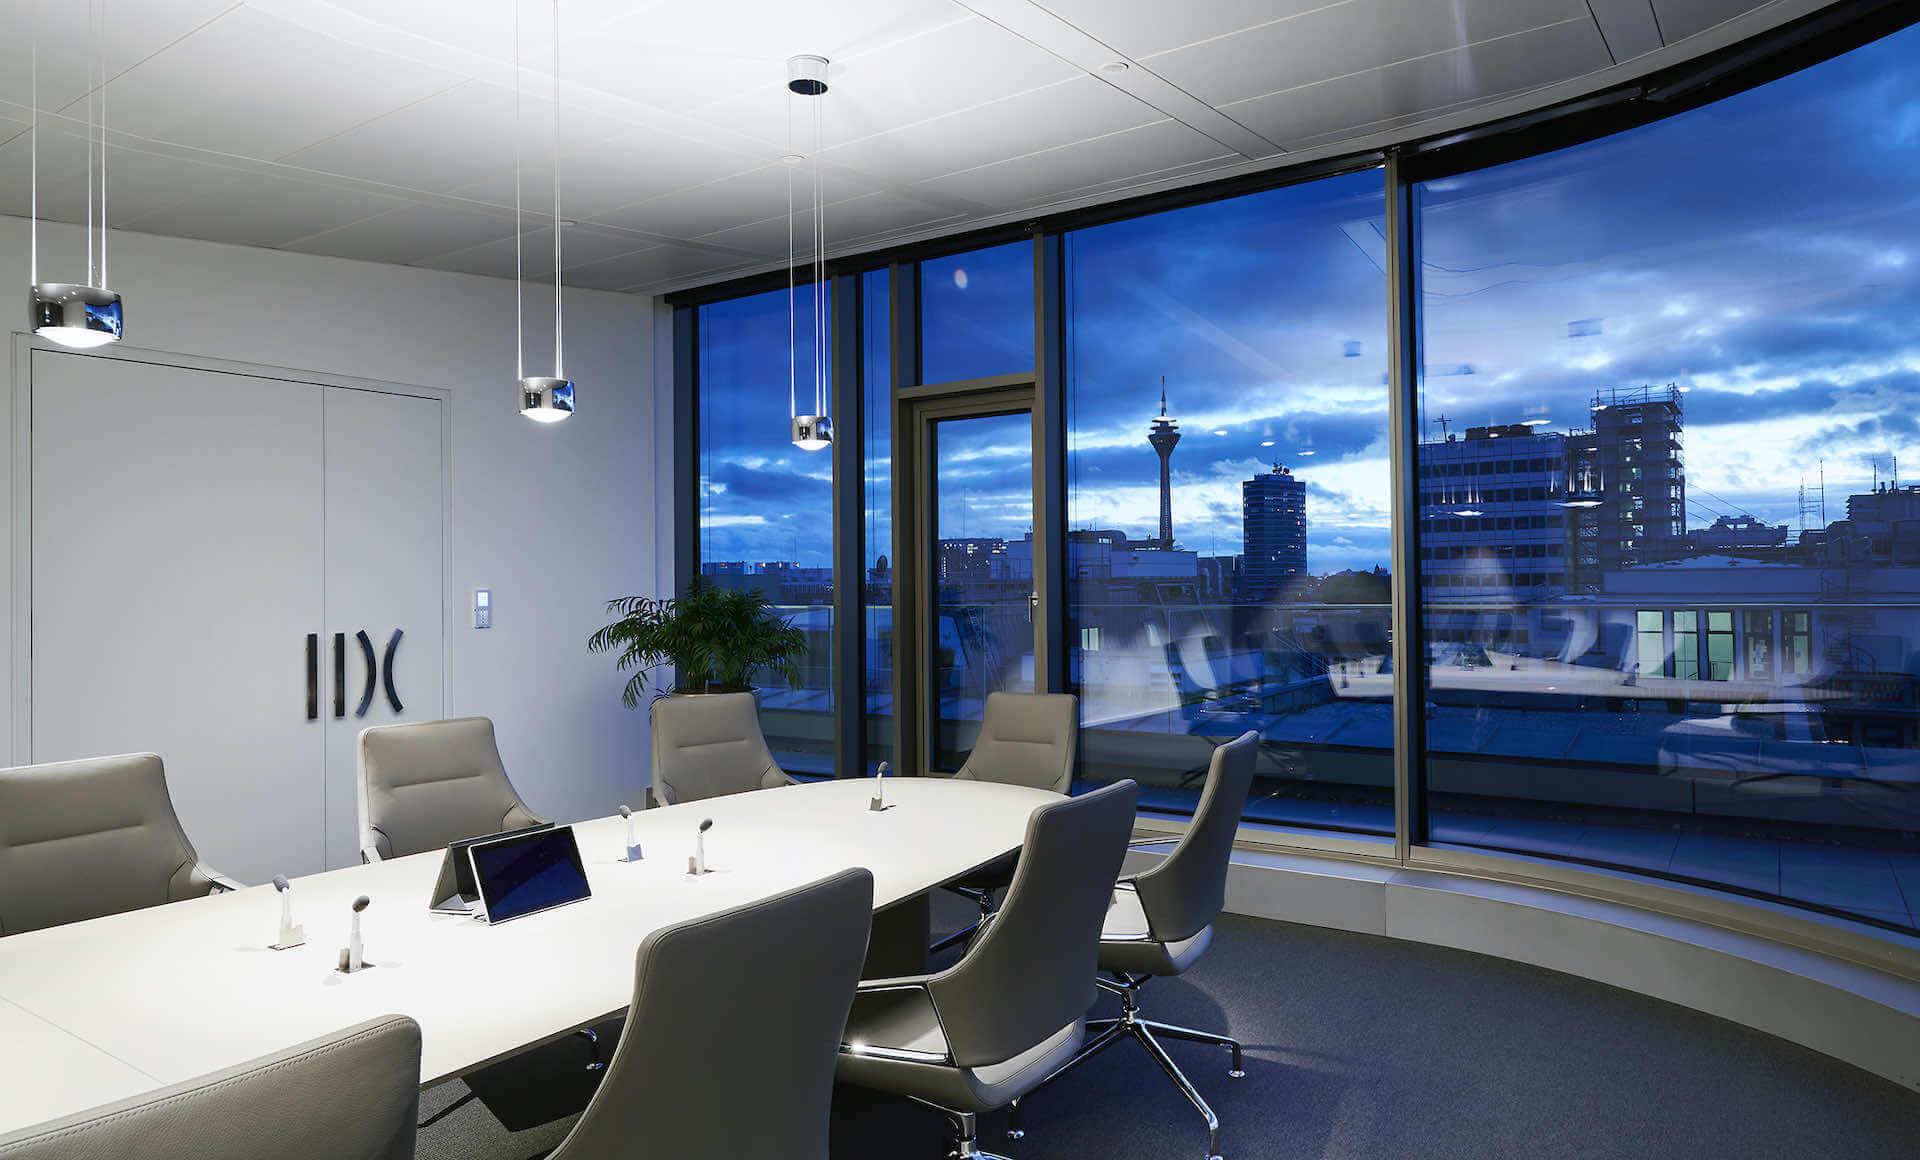 Konferenzraum-Beleuchtung mit Sento Sospeso von Occhio | Leuchten Lukassen